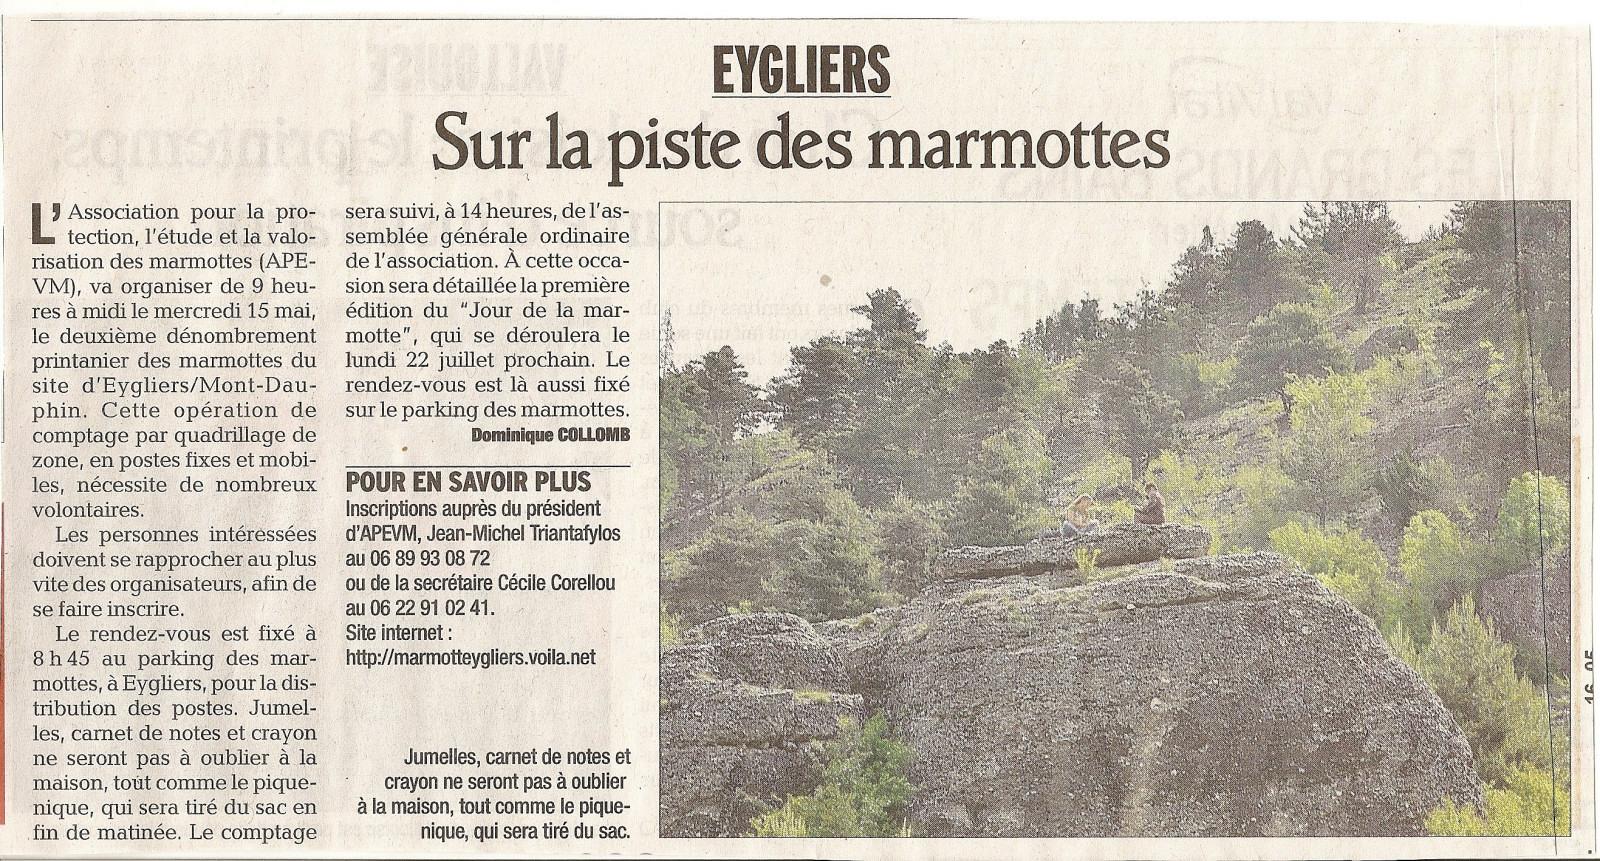 Marmottes 4 mai 2013 1